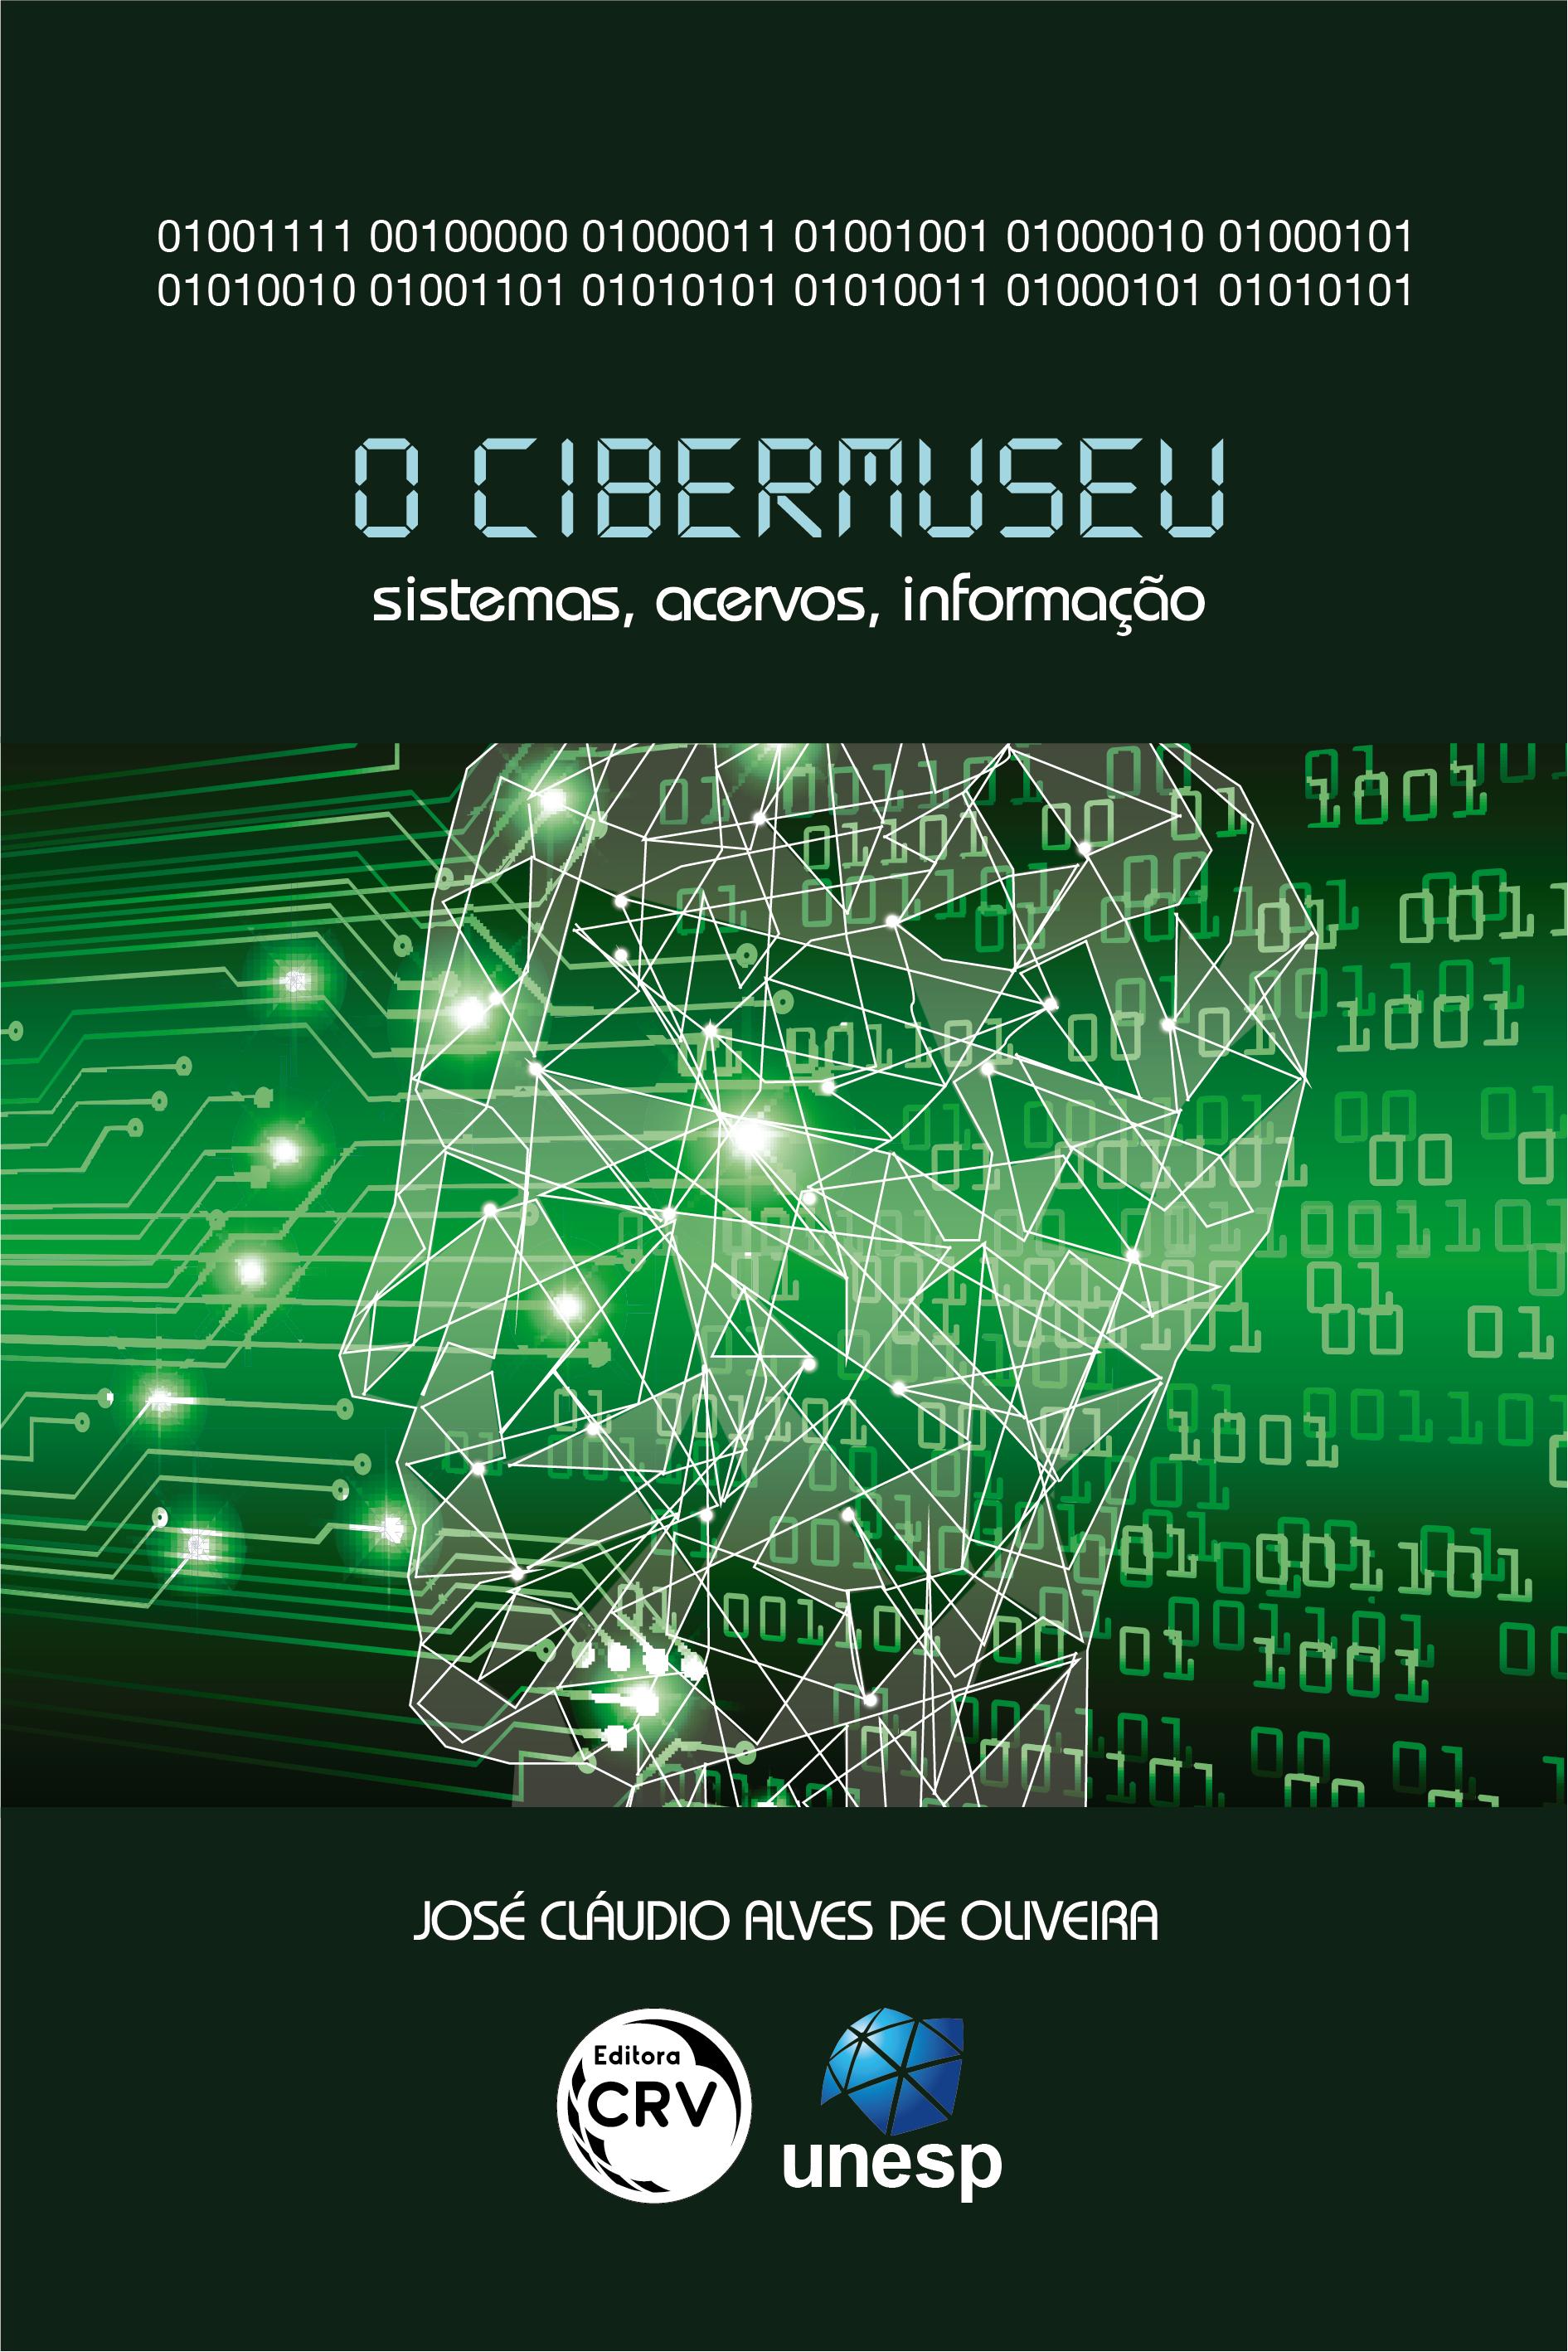 Capa do livro: O CIBERMUSEU: <br>sistemas, acervos, informação